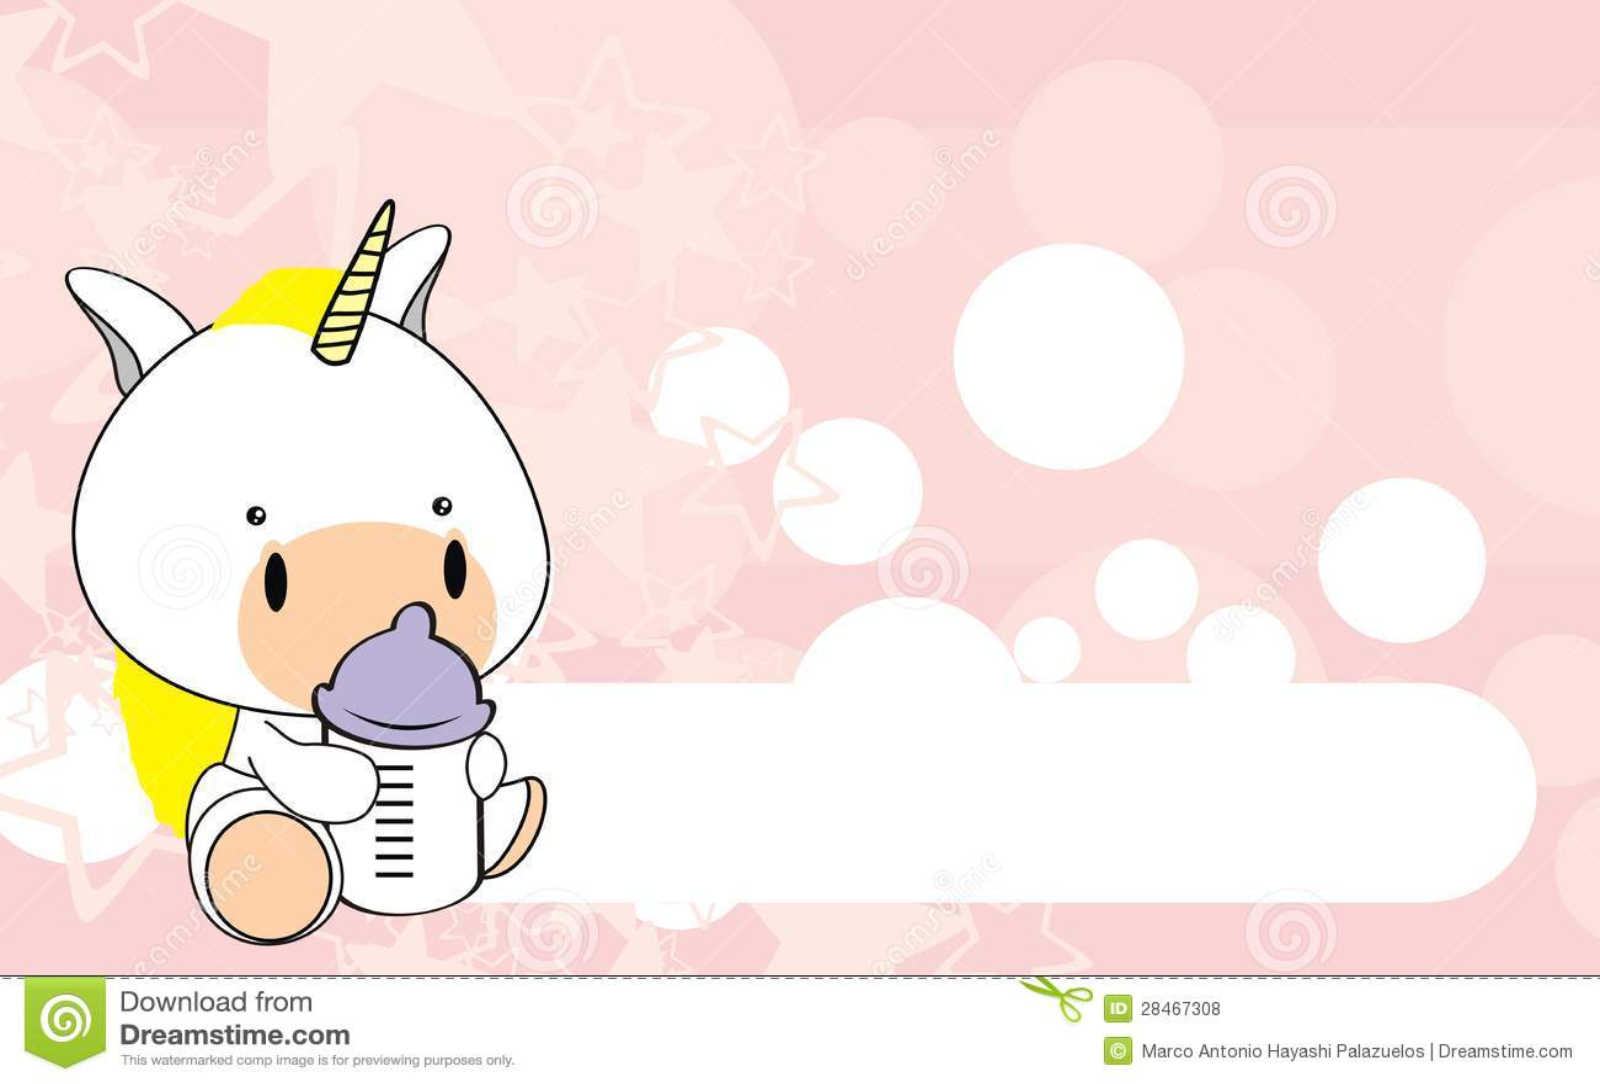 Unicorn Baby Cartoon Background1 Royalty Free Stock Photos - Image ...